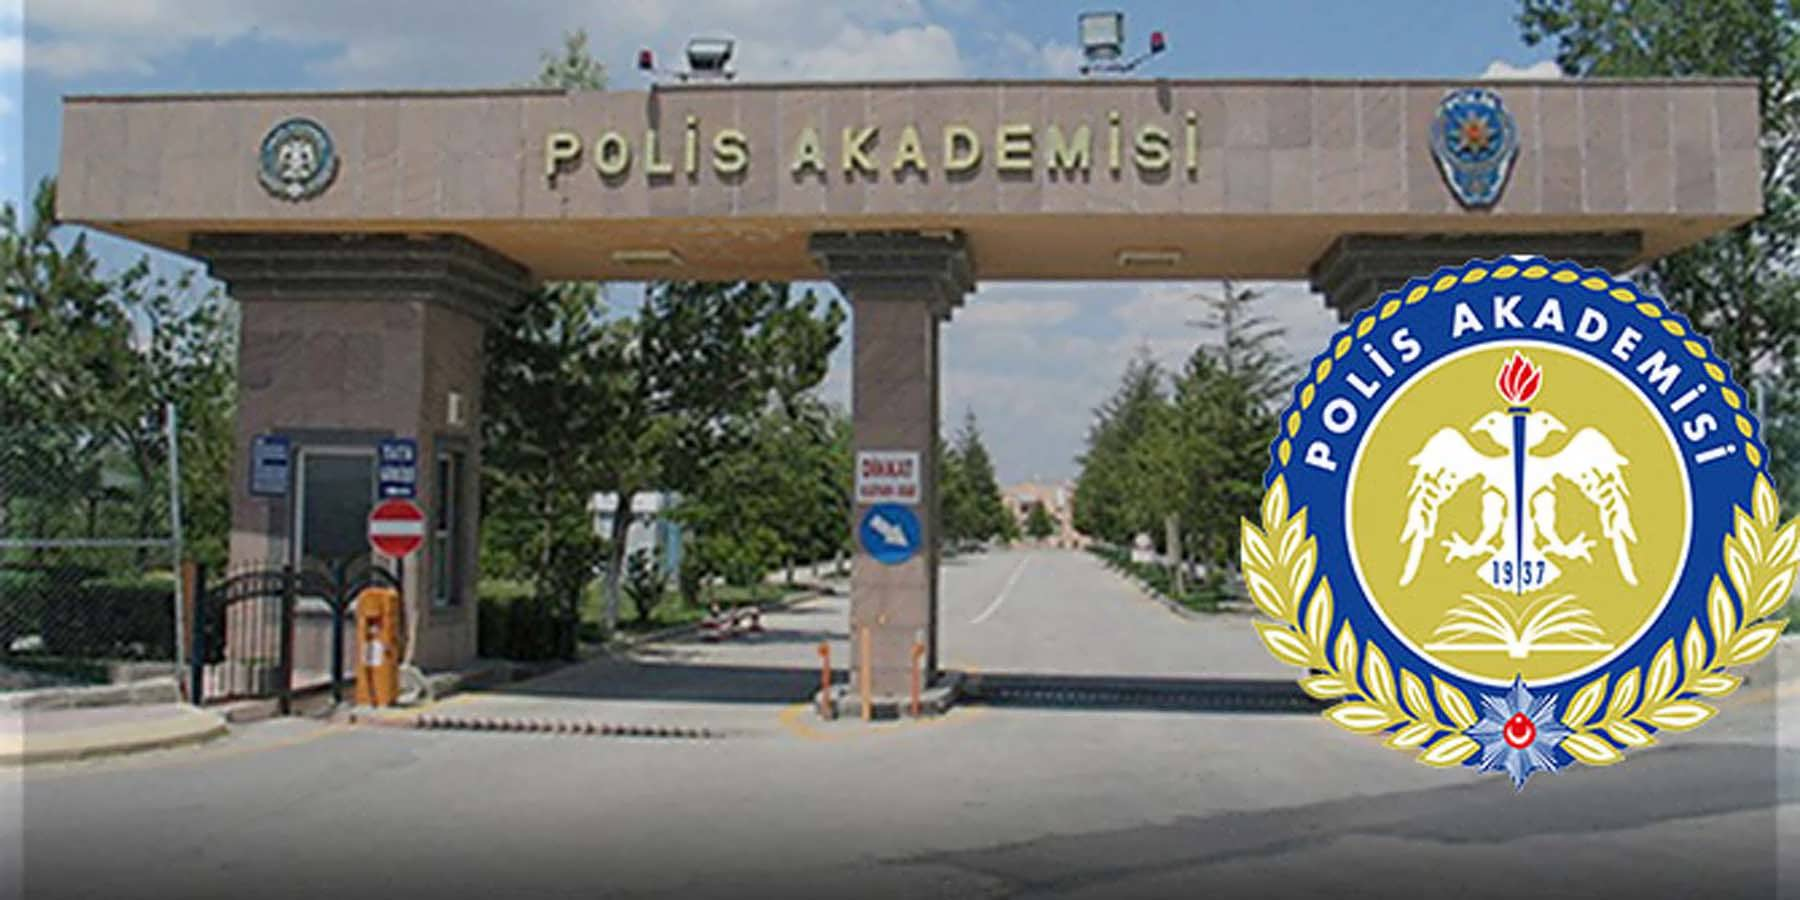 Polis Akademisi Başkanlığı Taşeron İşçilerin İtiraz Sonuçlarını Açıkladı